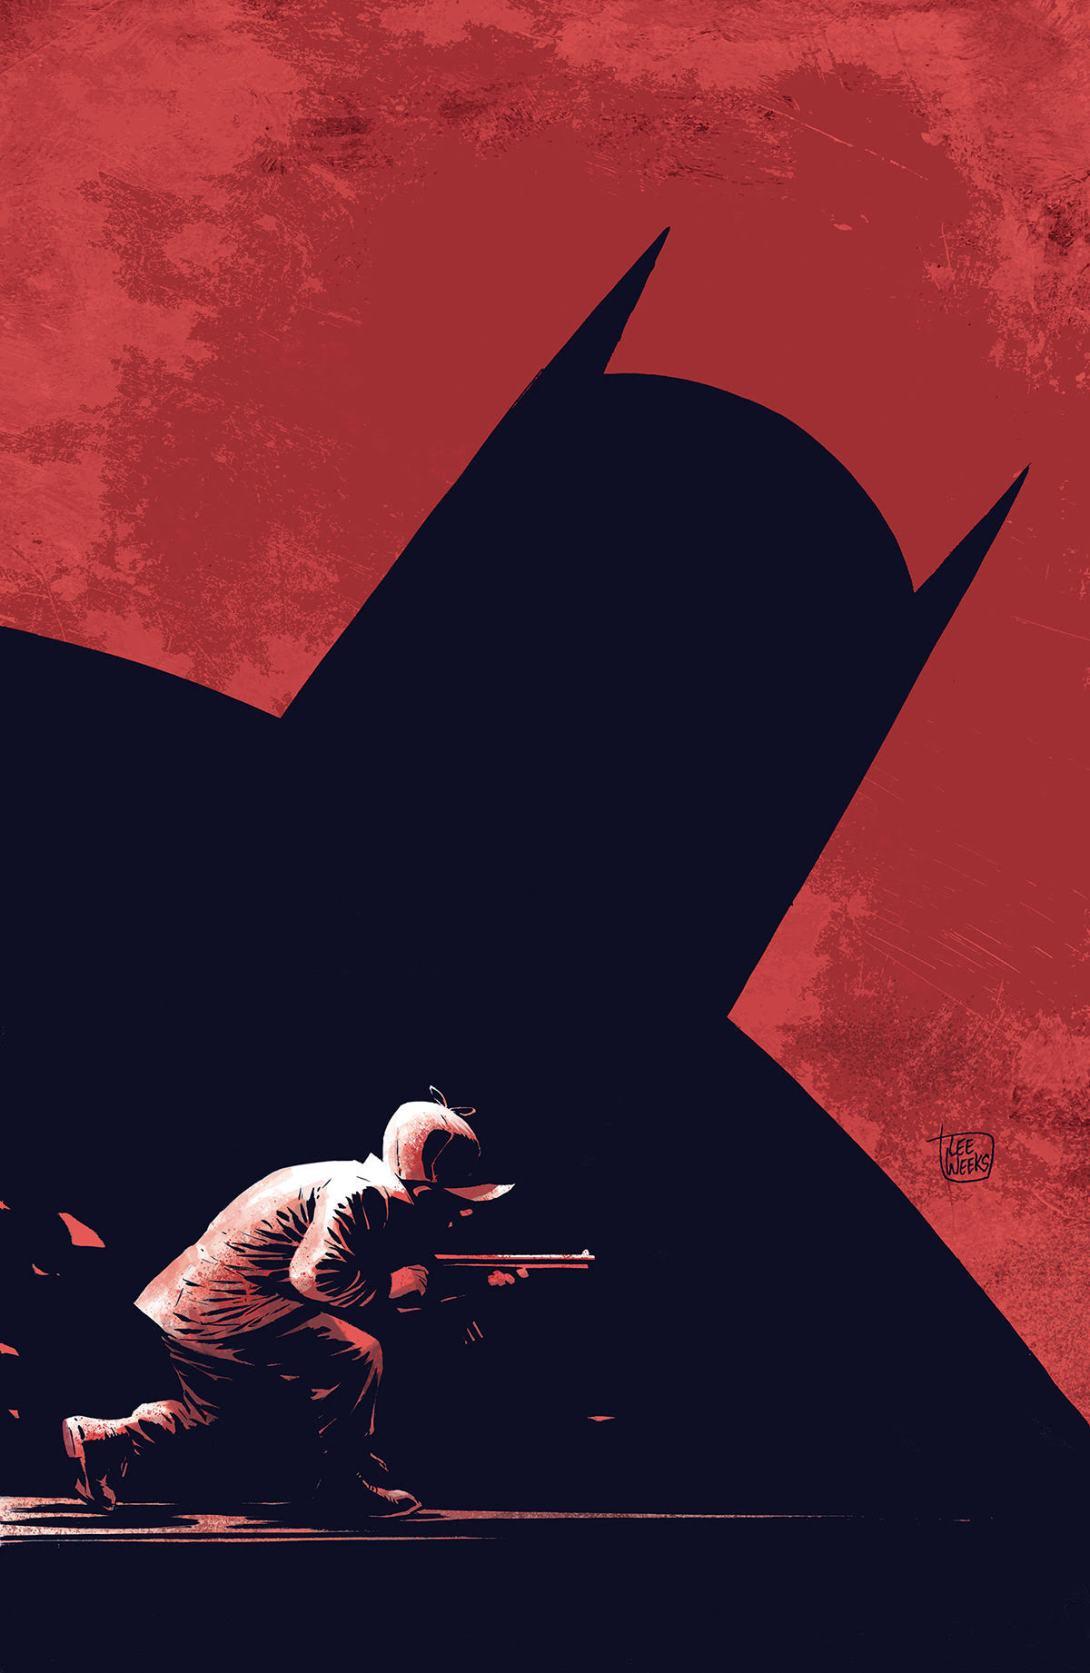 DC Looney Tunes batman dc comics news